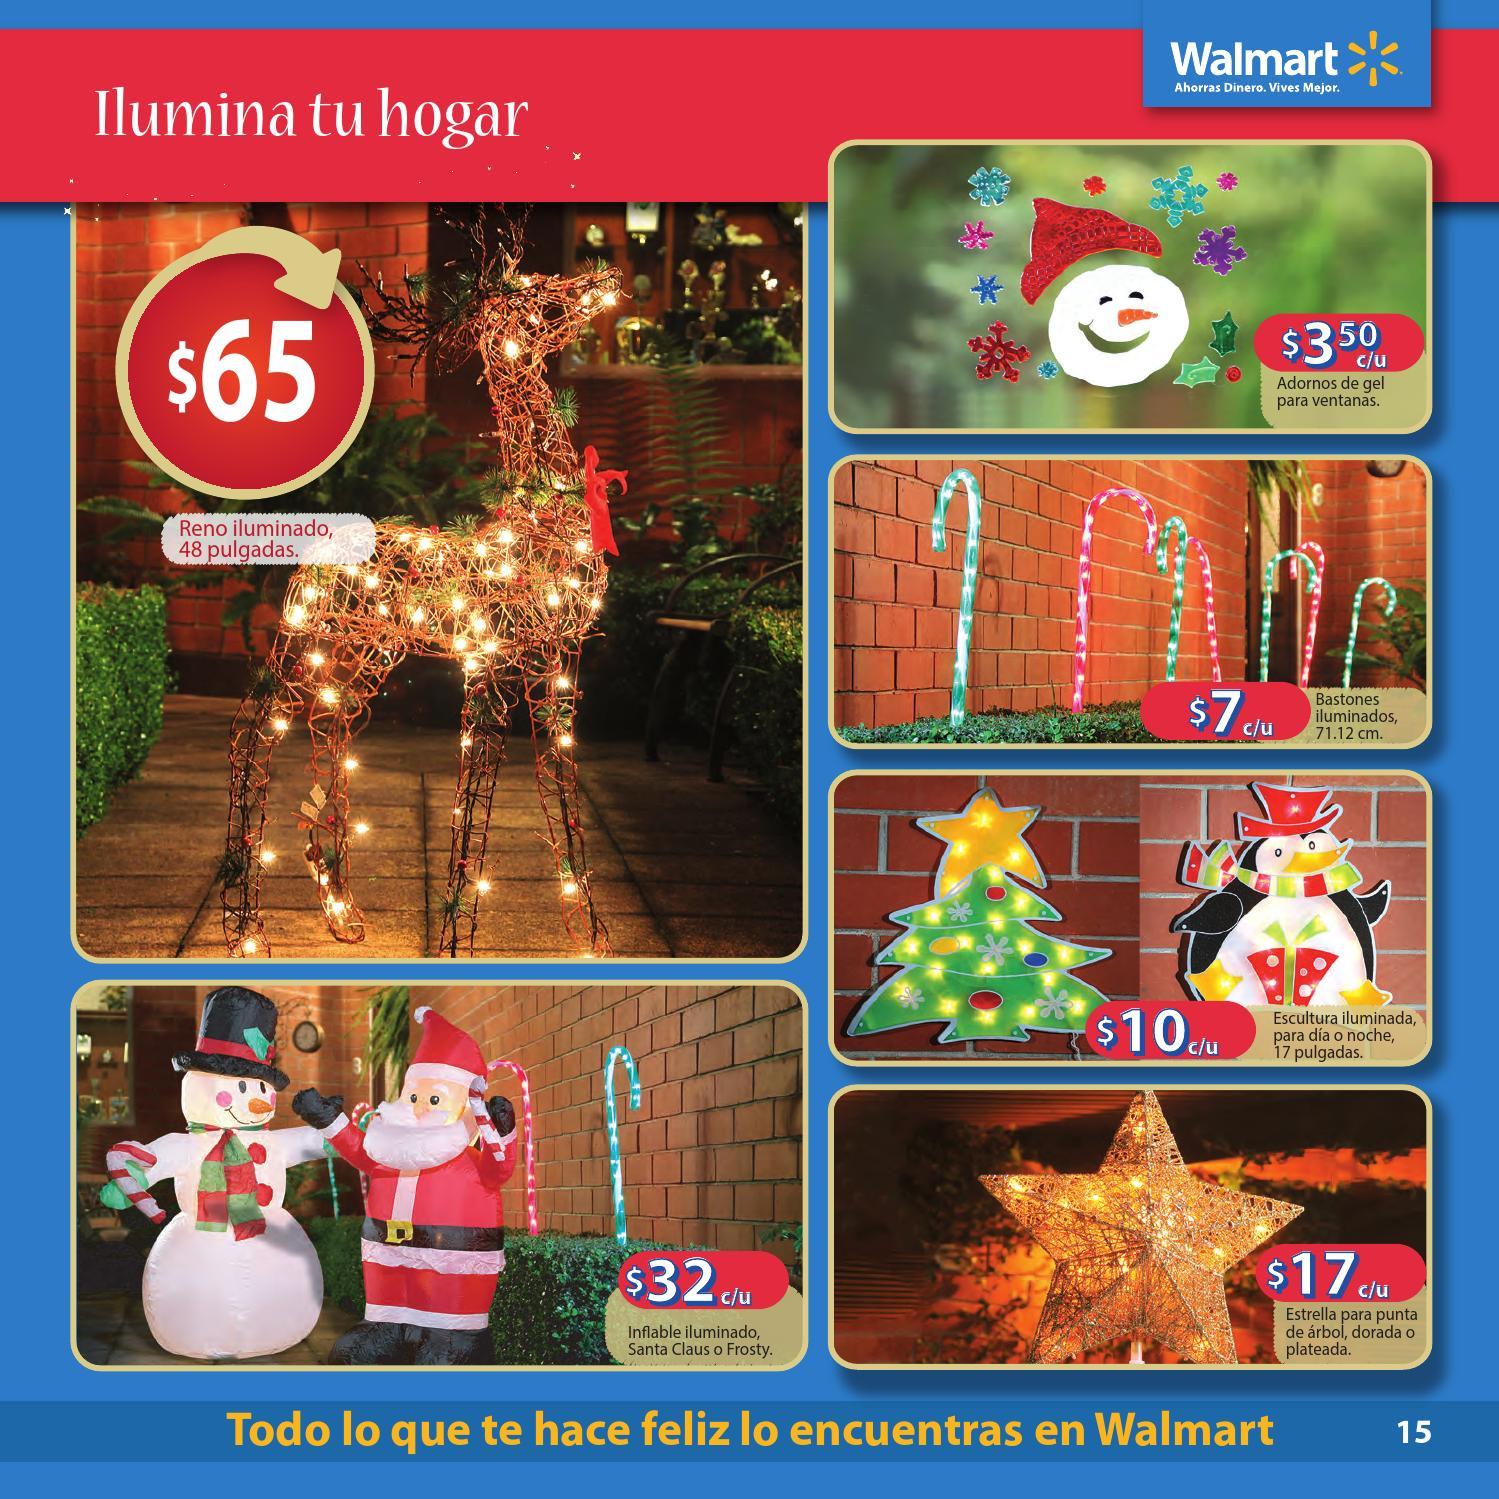 decoracion navide a walmart 2013 pag15 ofertas ahora